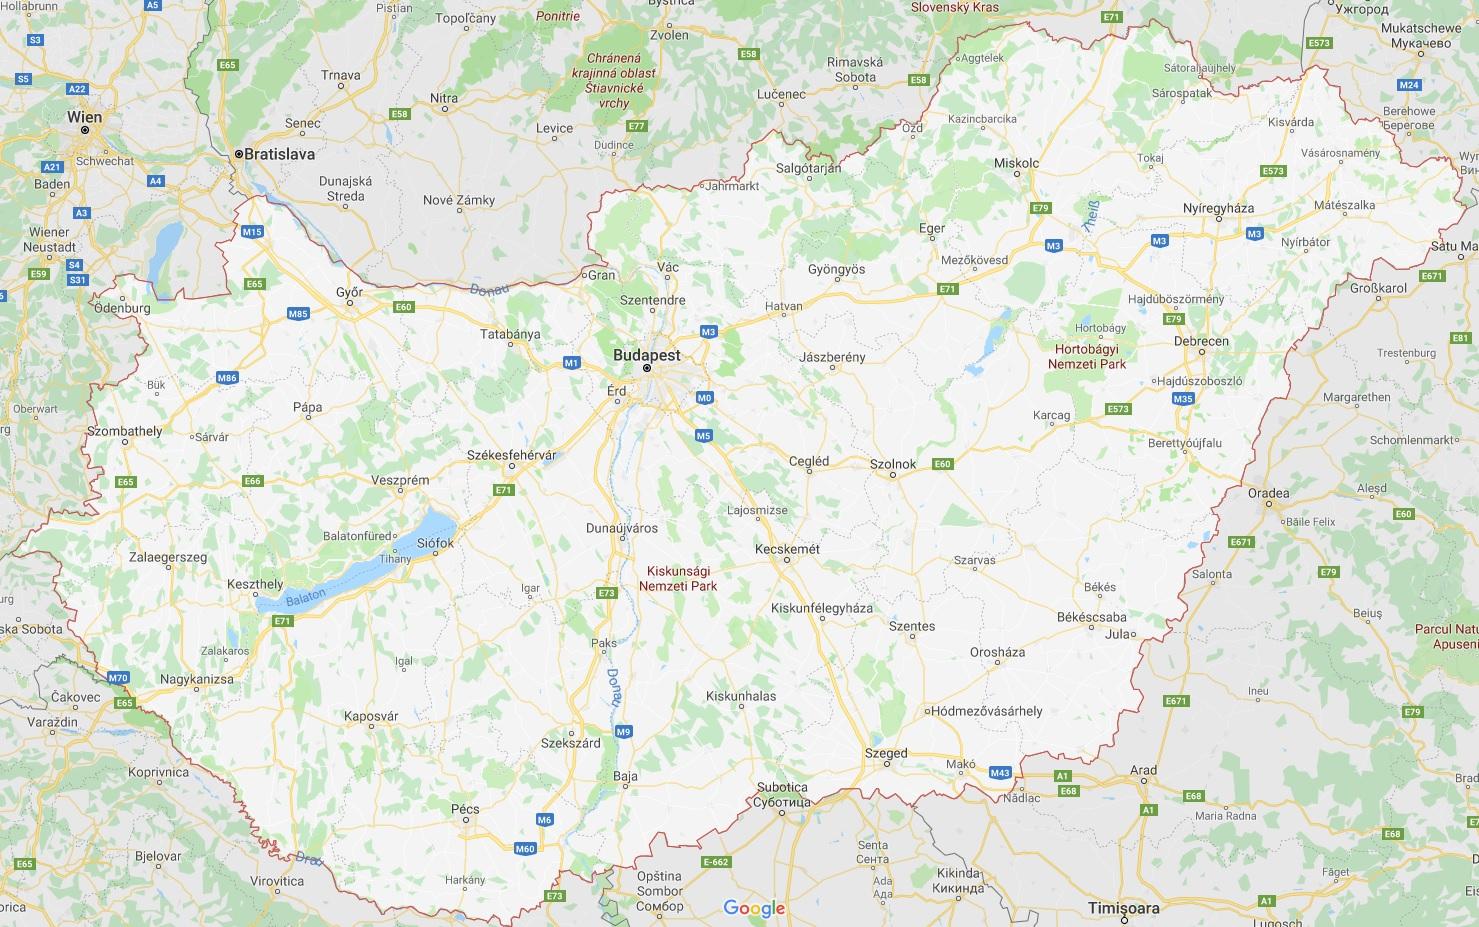 Karte von Ungarn mit Angelspots